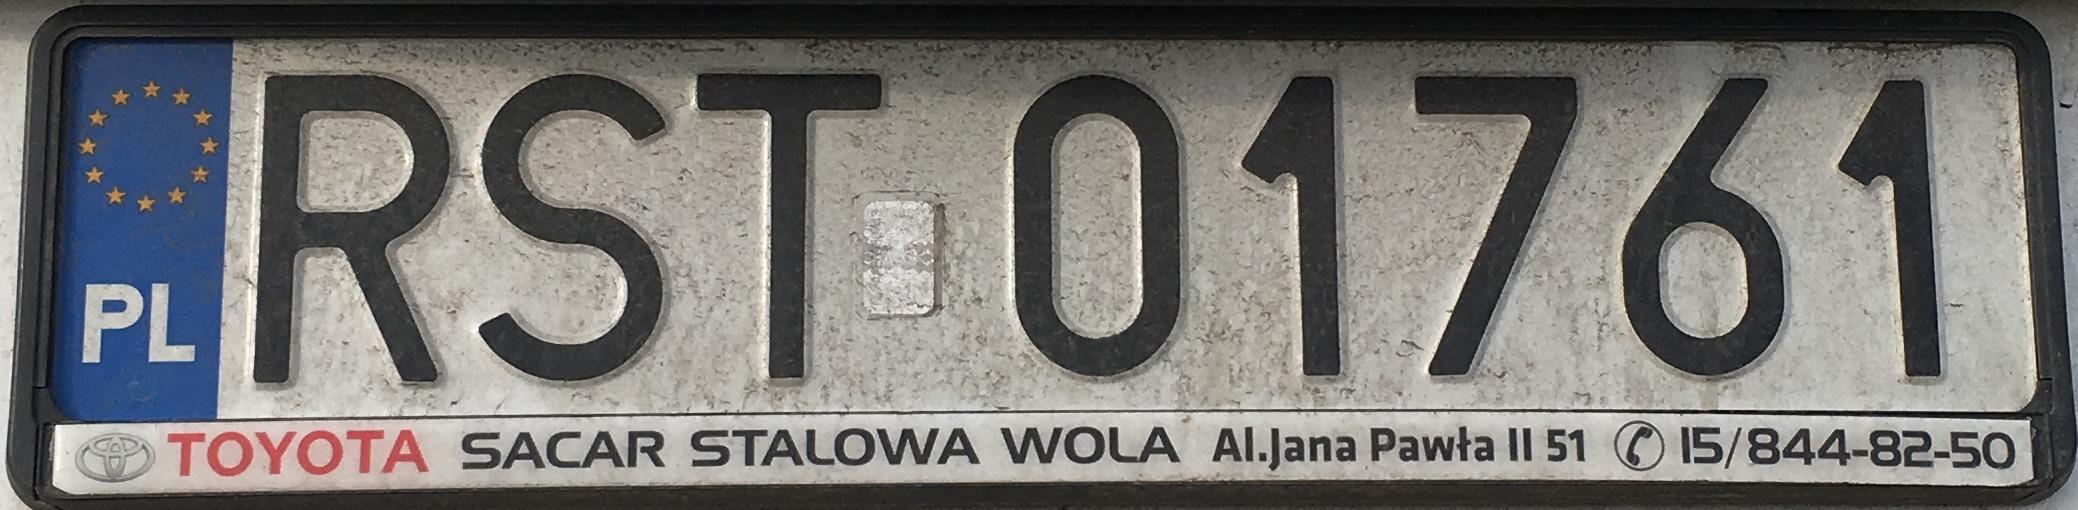 Registrační značka Polsko - RST - Stalowa Wola, foto: www.podalnici.cz